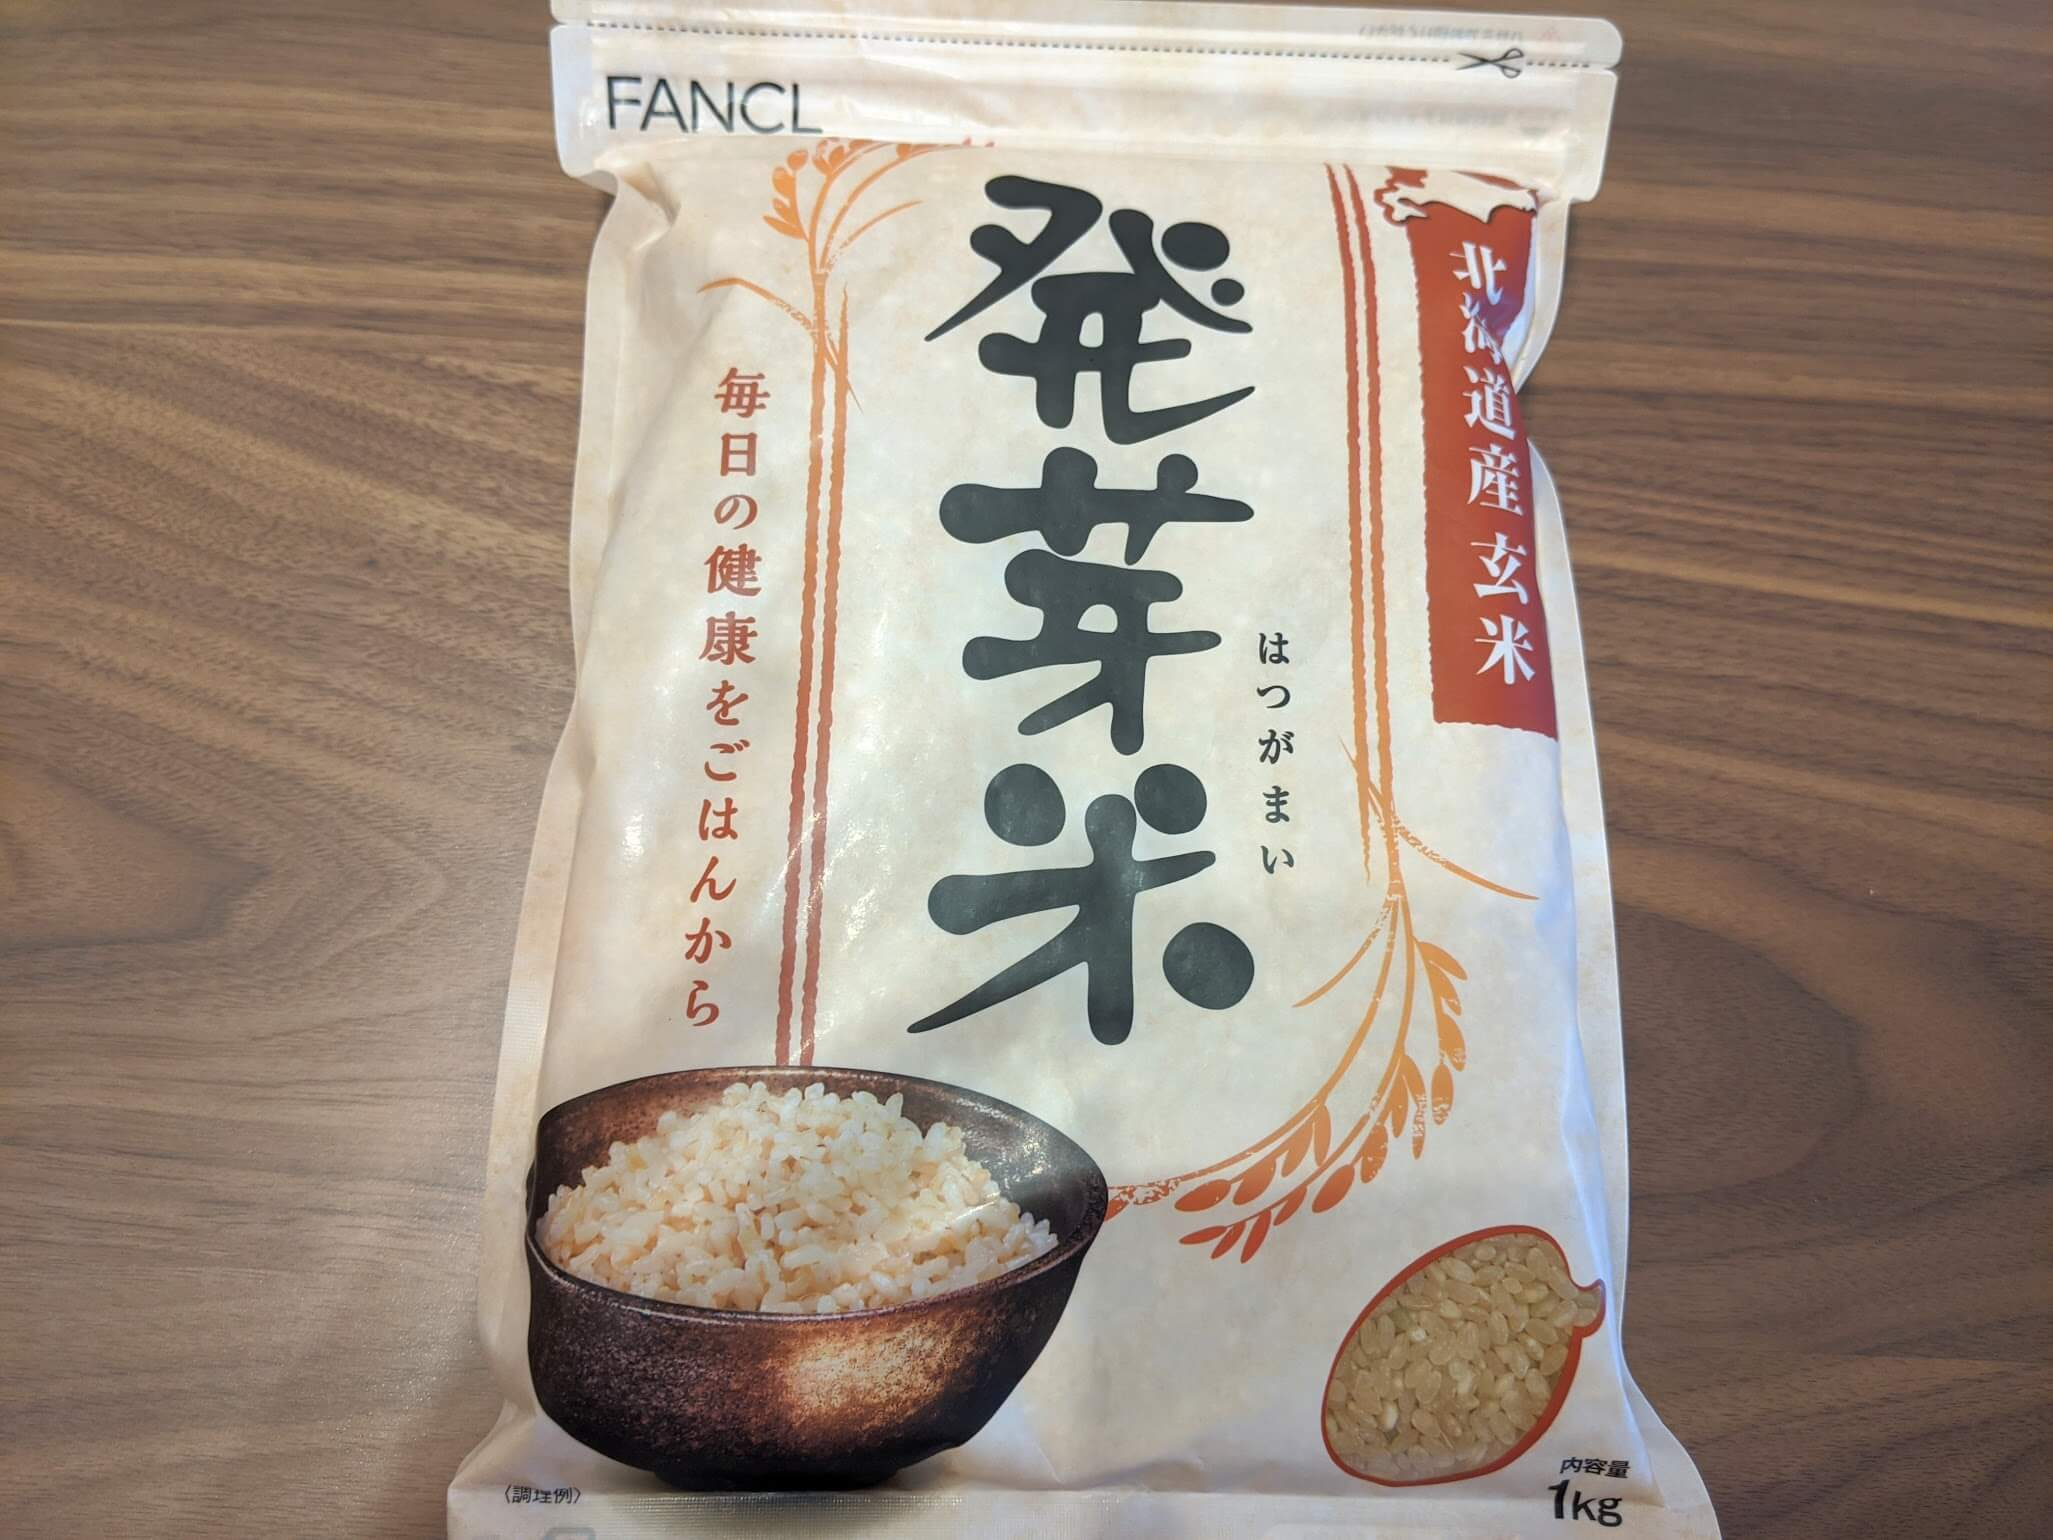 授乳中のずぼら飯にファンケルの発芽米を食べることにした理由